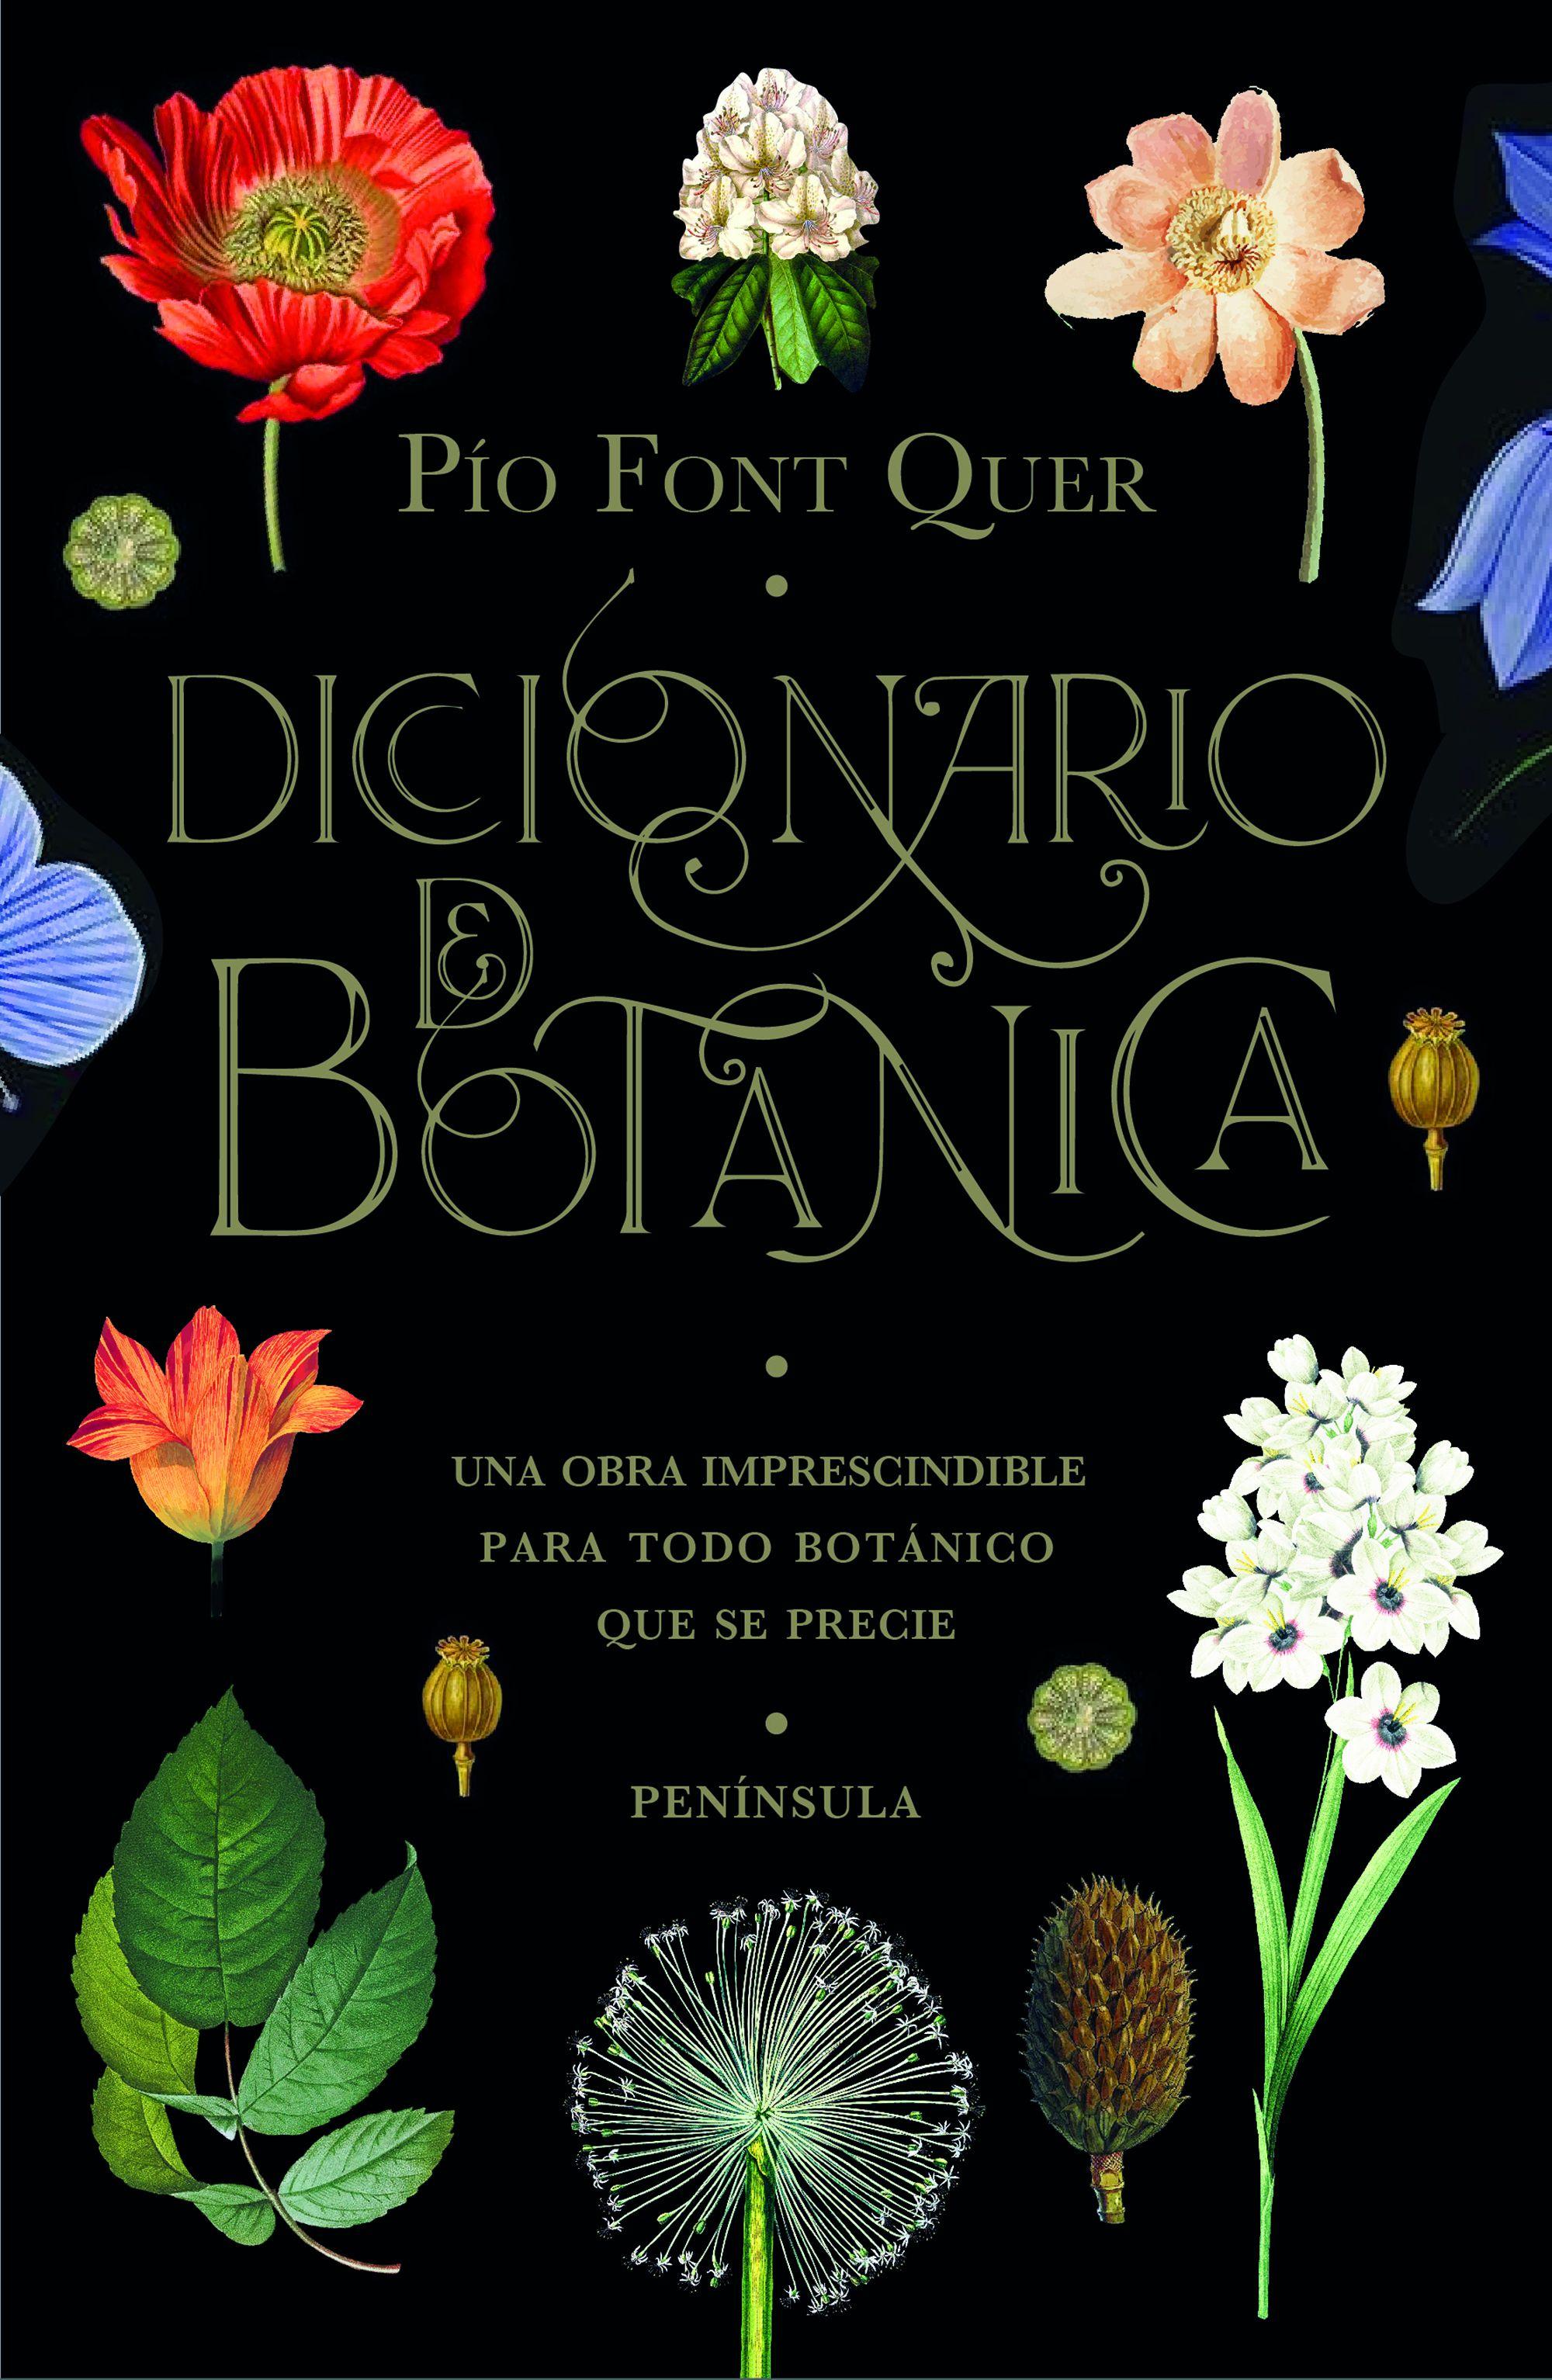 Diccionario de botánica